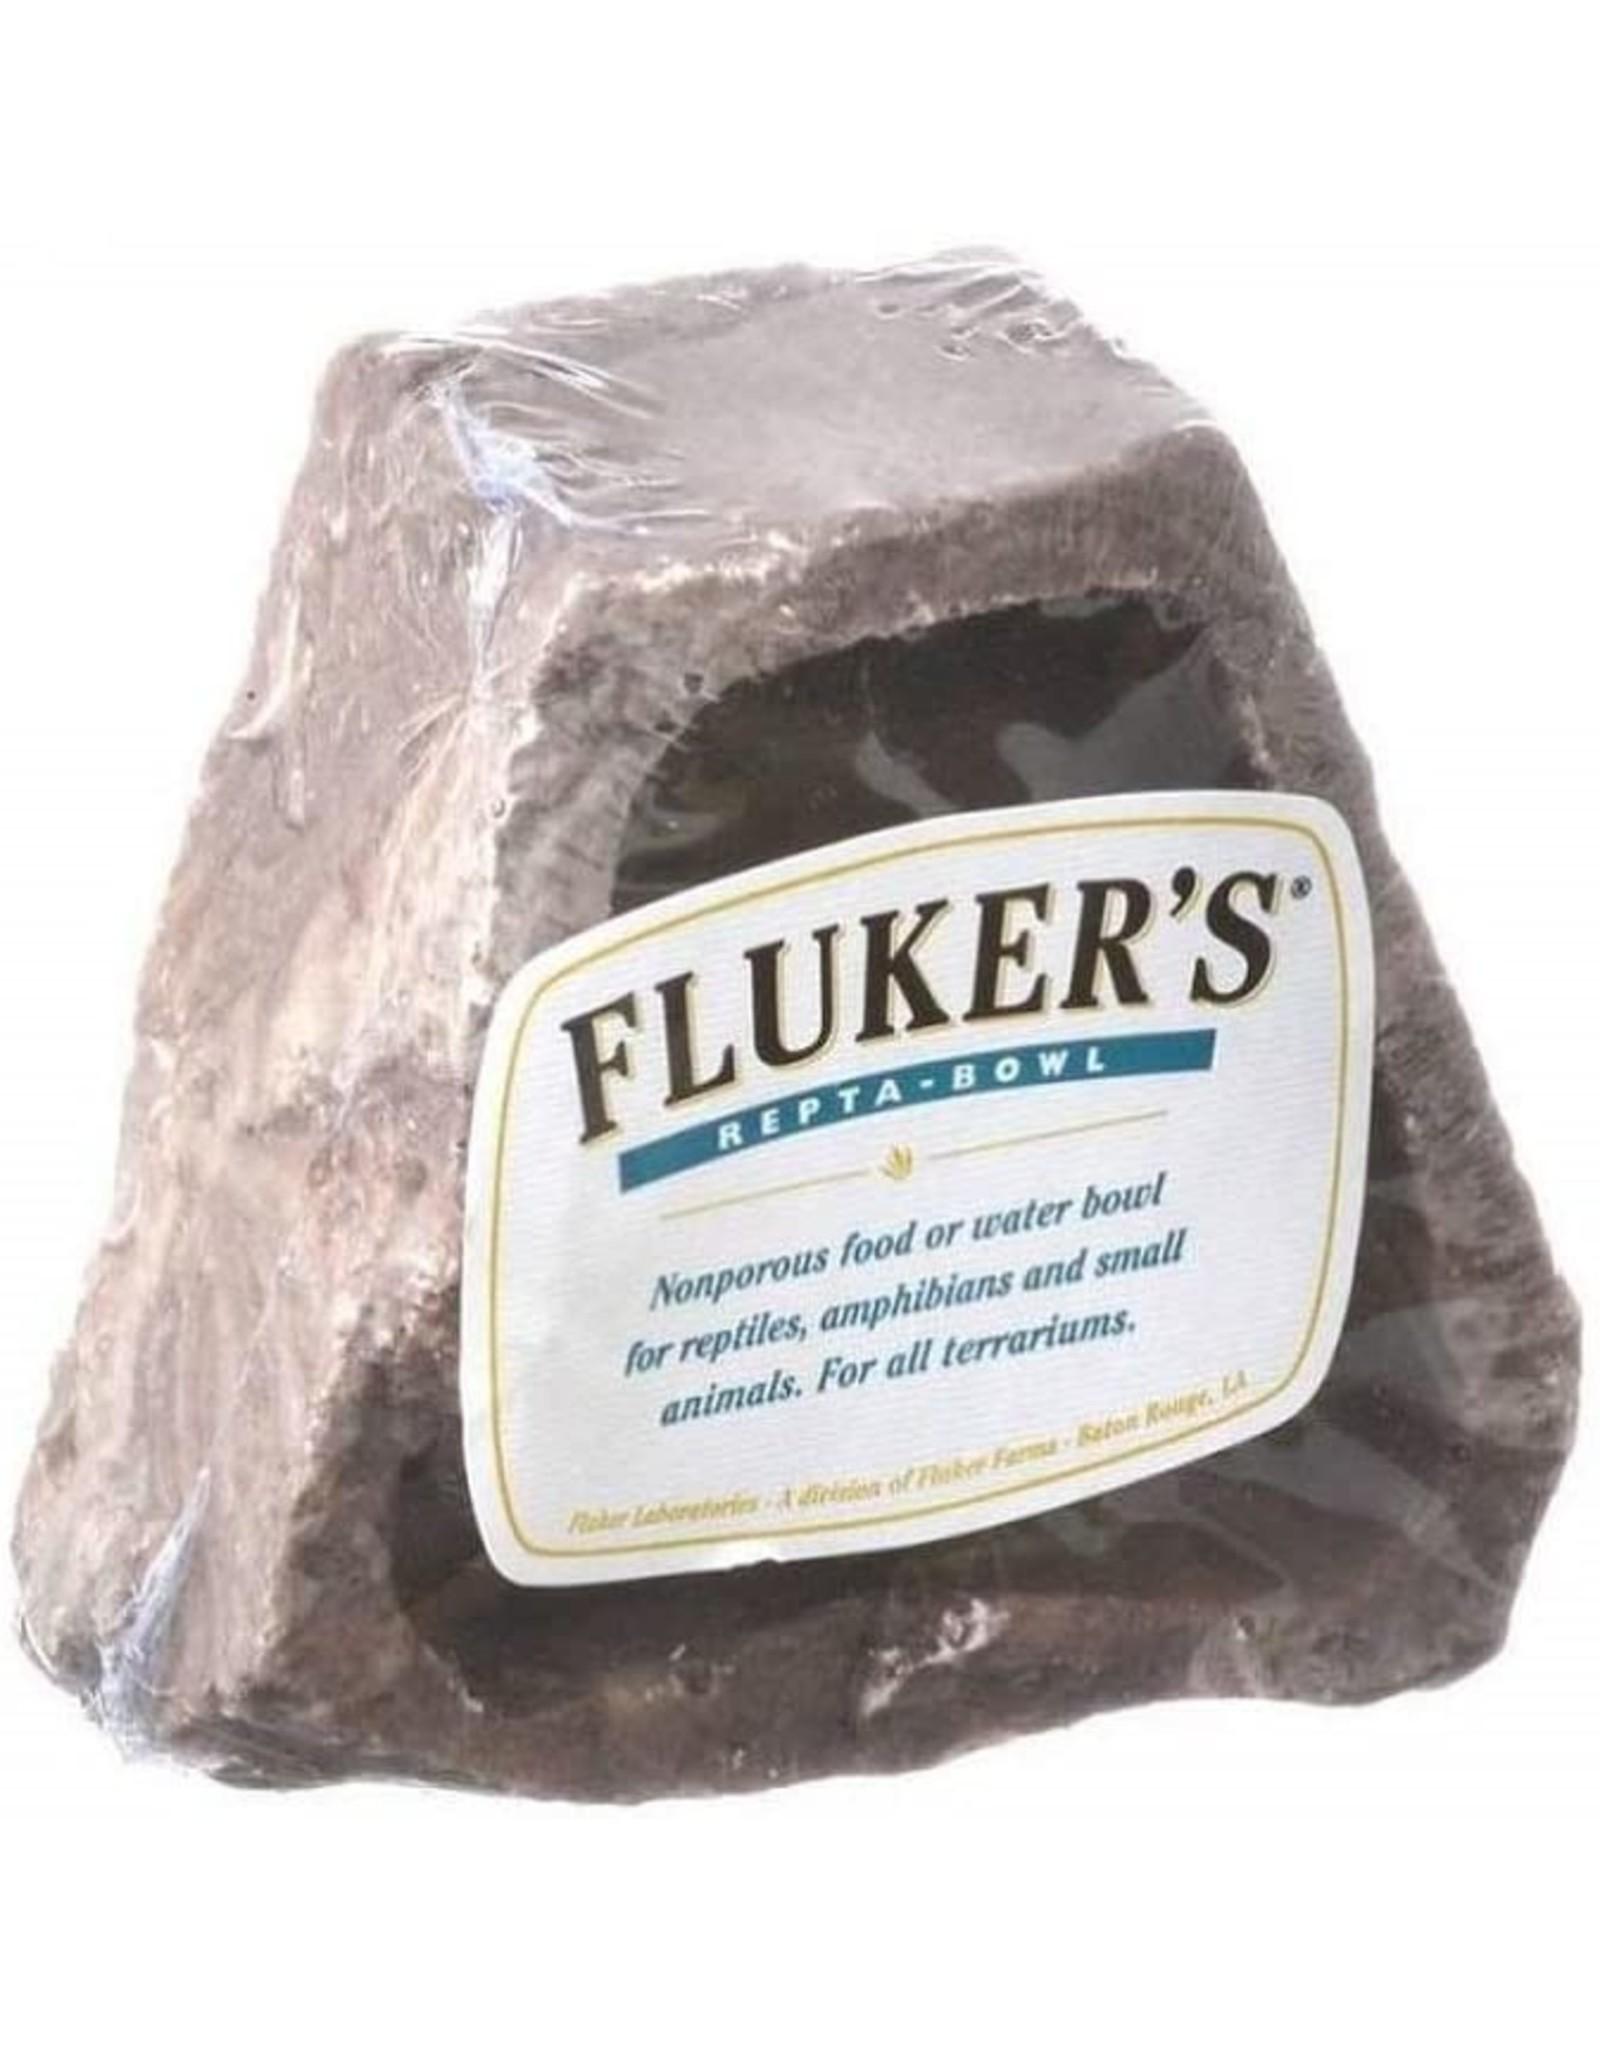 Fluker's FLUKER'S Repta-Bowl